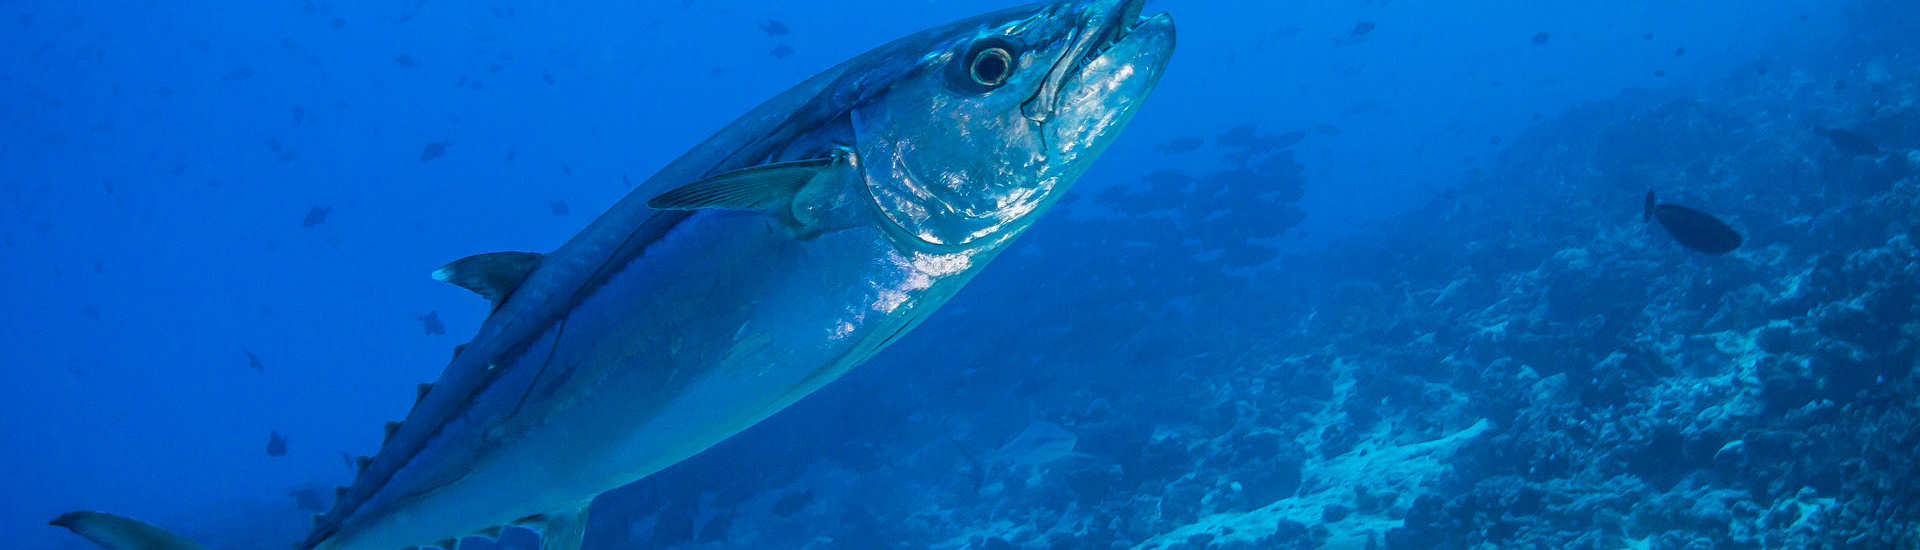 Tauchgang mit Tunfisch Begegnungen – Kauehi, Französisch Polynesien